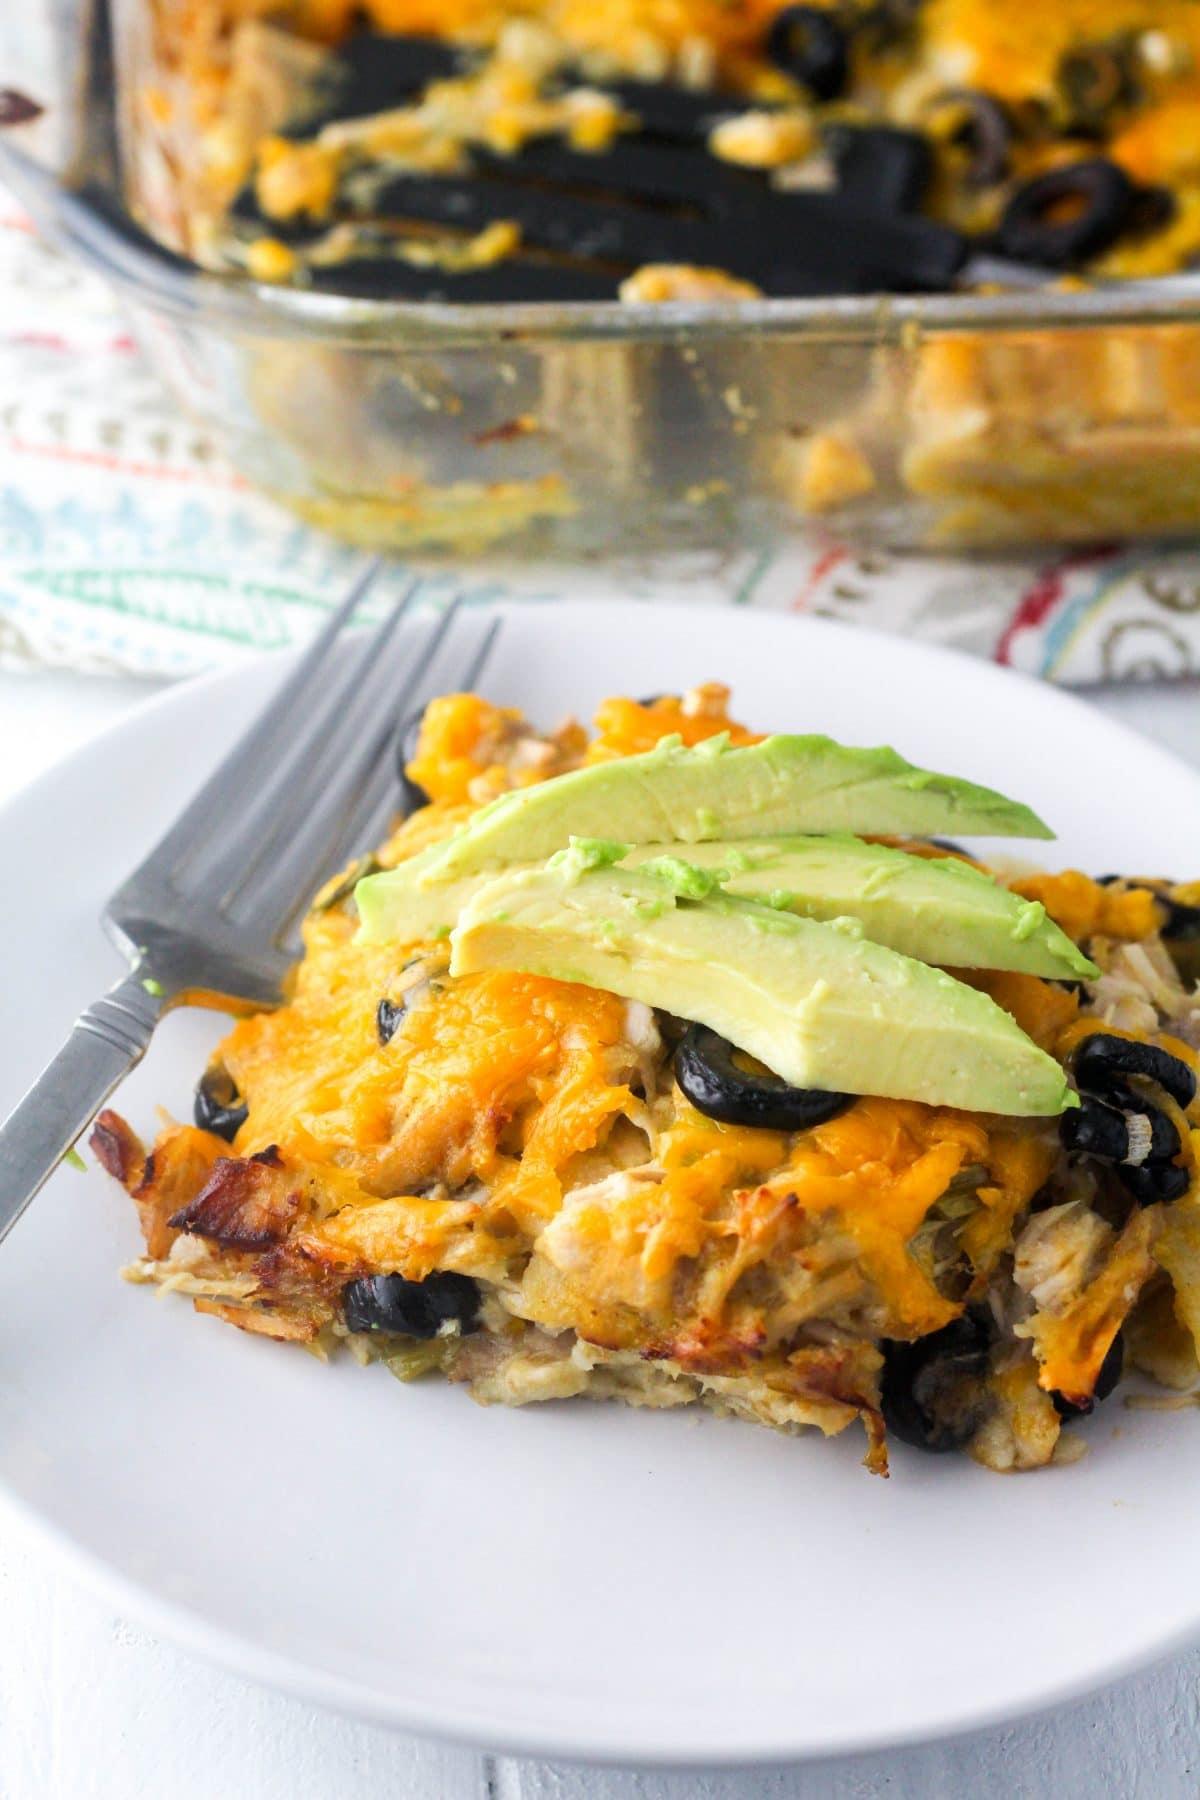 Gluten Free Turkey Enchilada Casserole